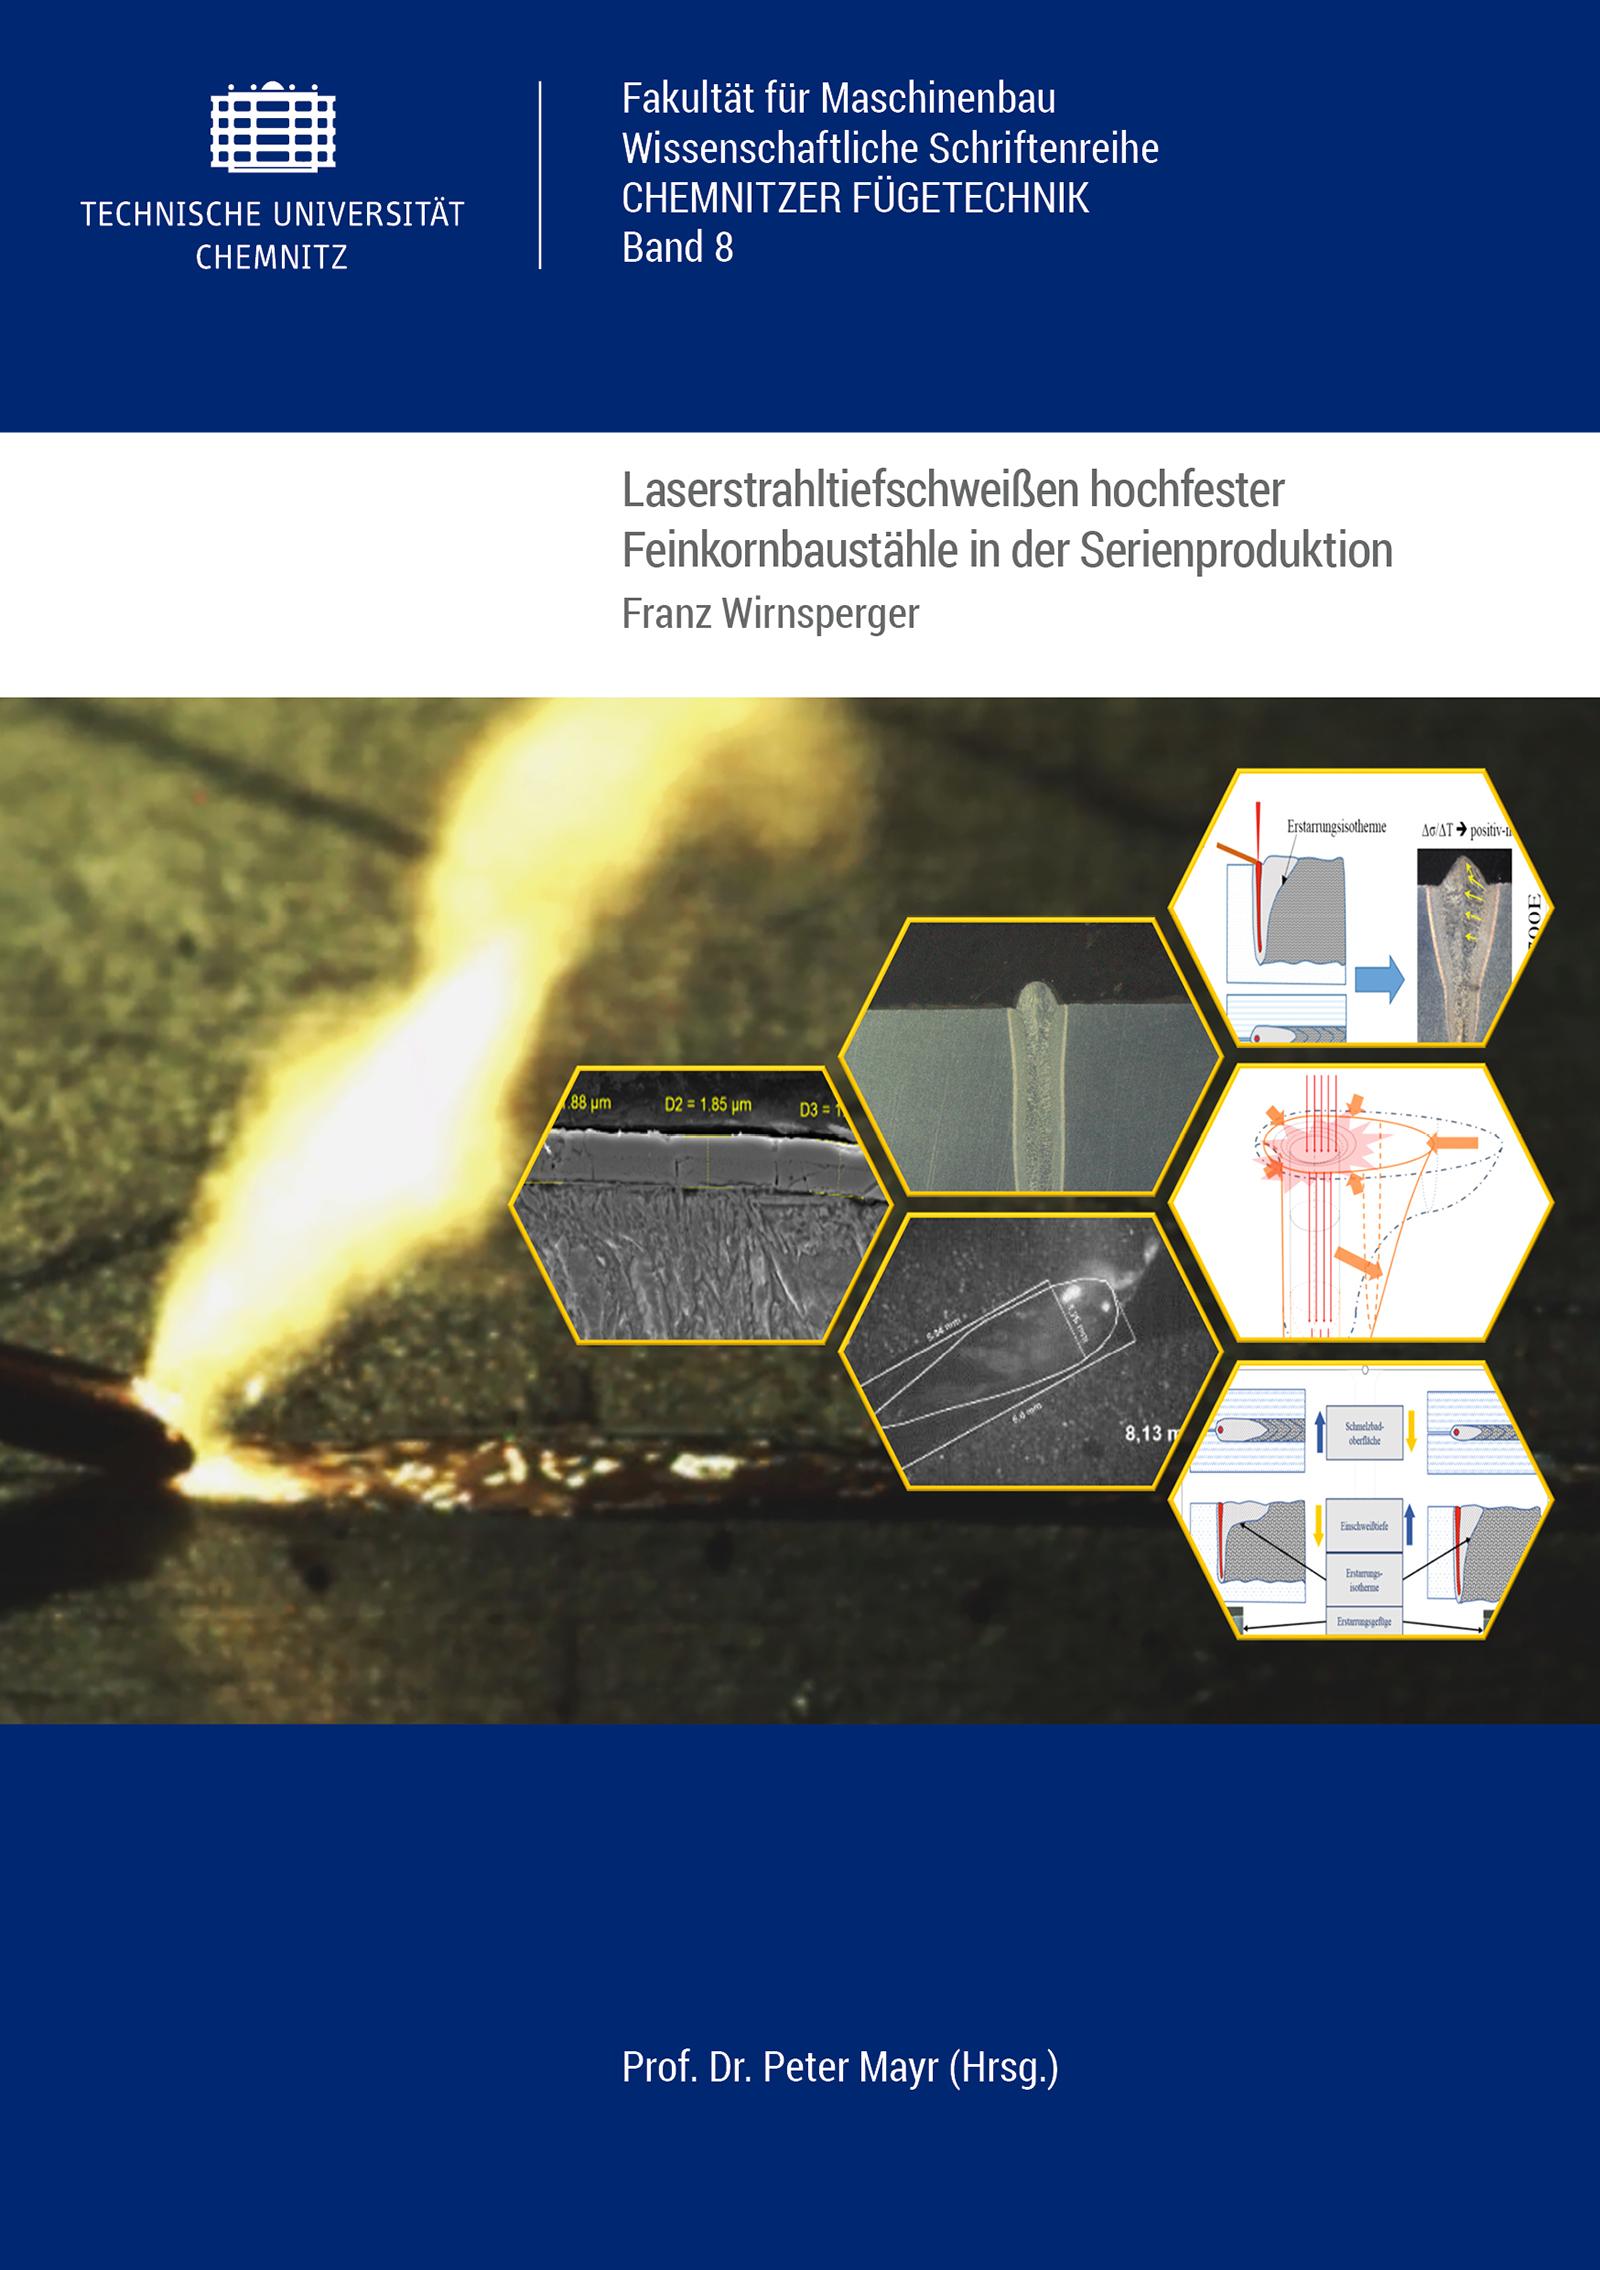 Cover: Laserstrahltiefschweißen hochfester Feinkornbaustähle in der Serienproduktion : Experimentelle Bewertung werkstoffbedingter und fertigungstechnischer Einflüsse auf die Prozess- und Verbindungsstabilität